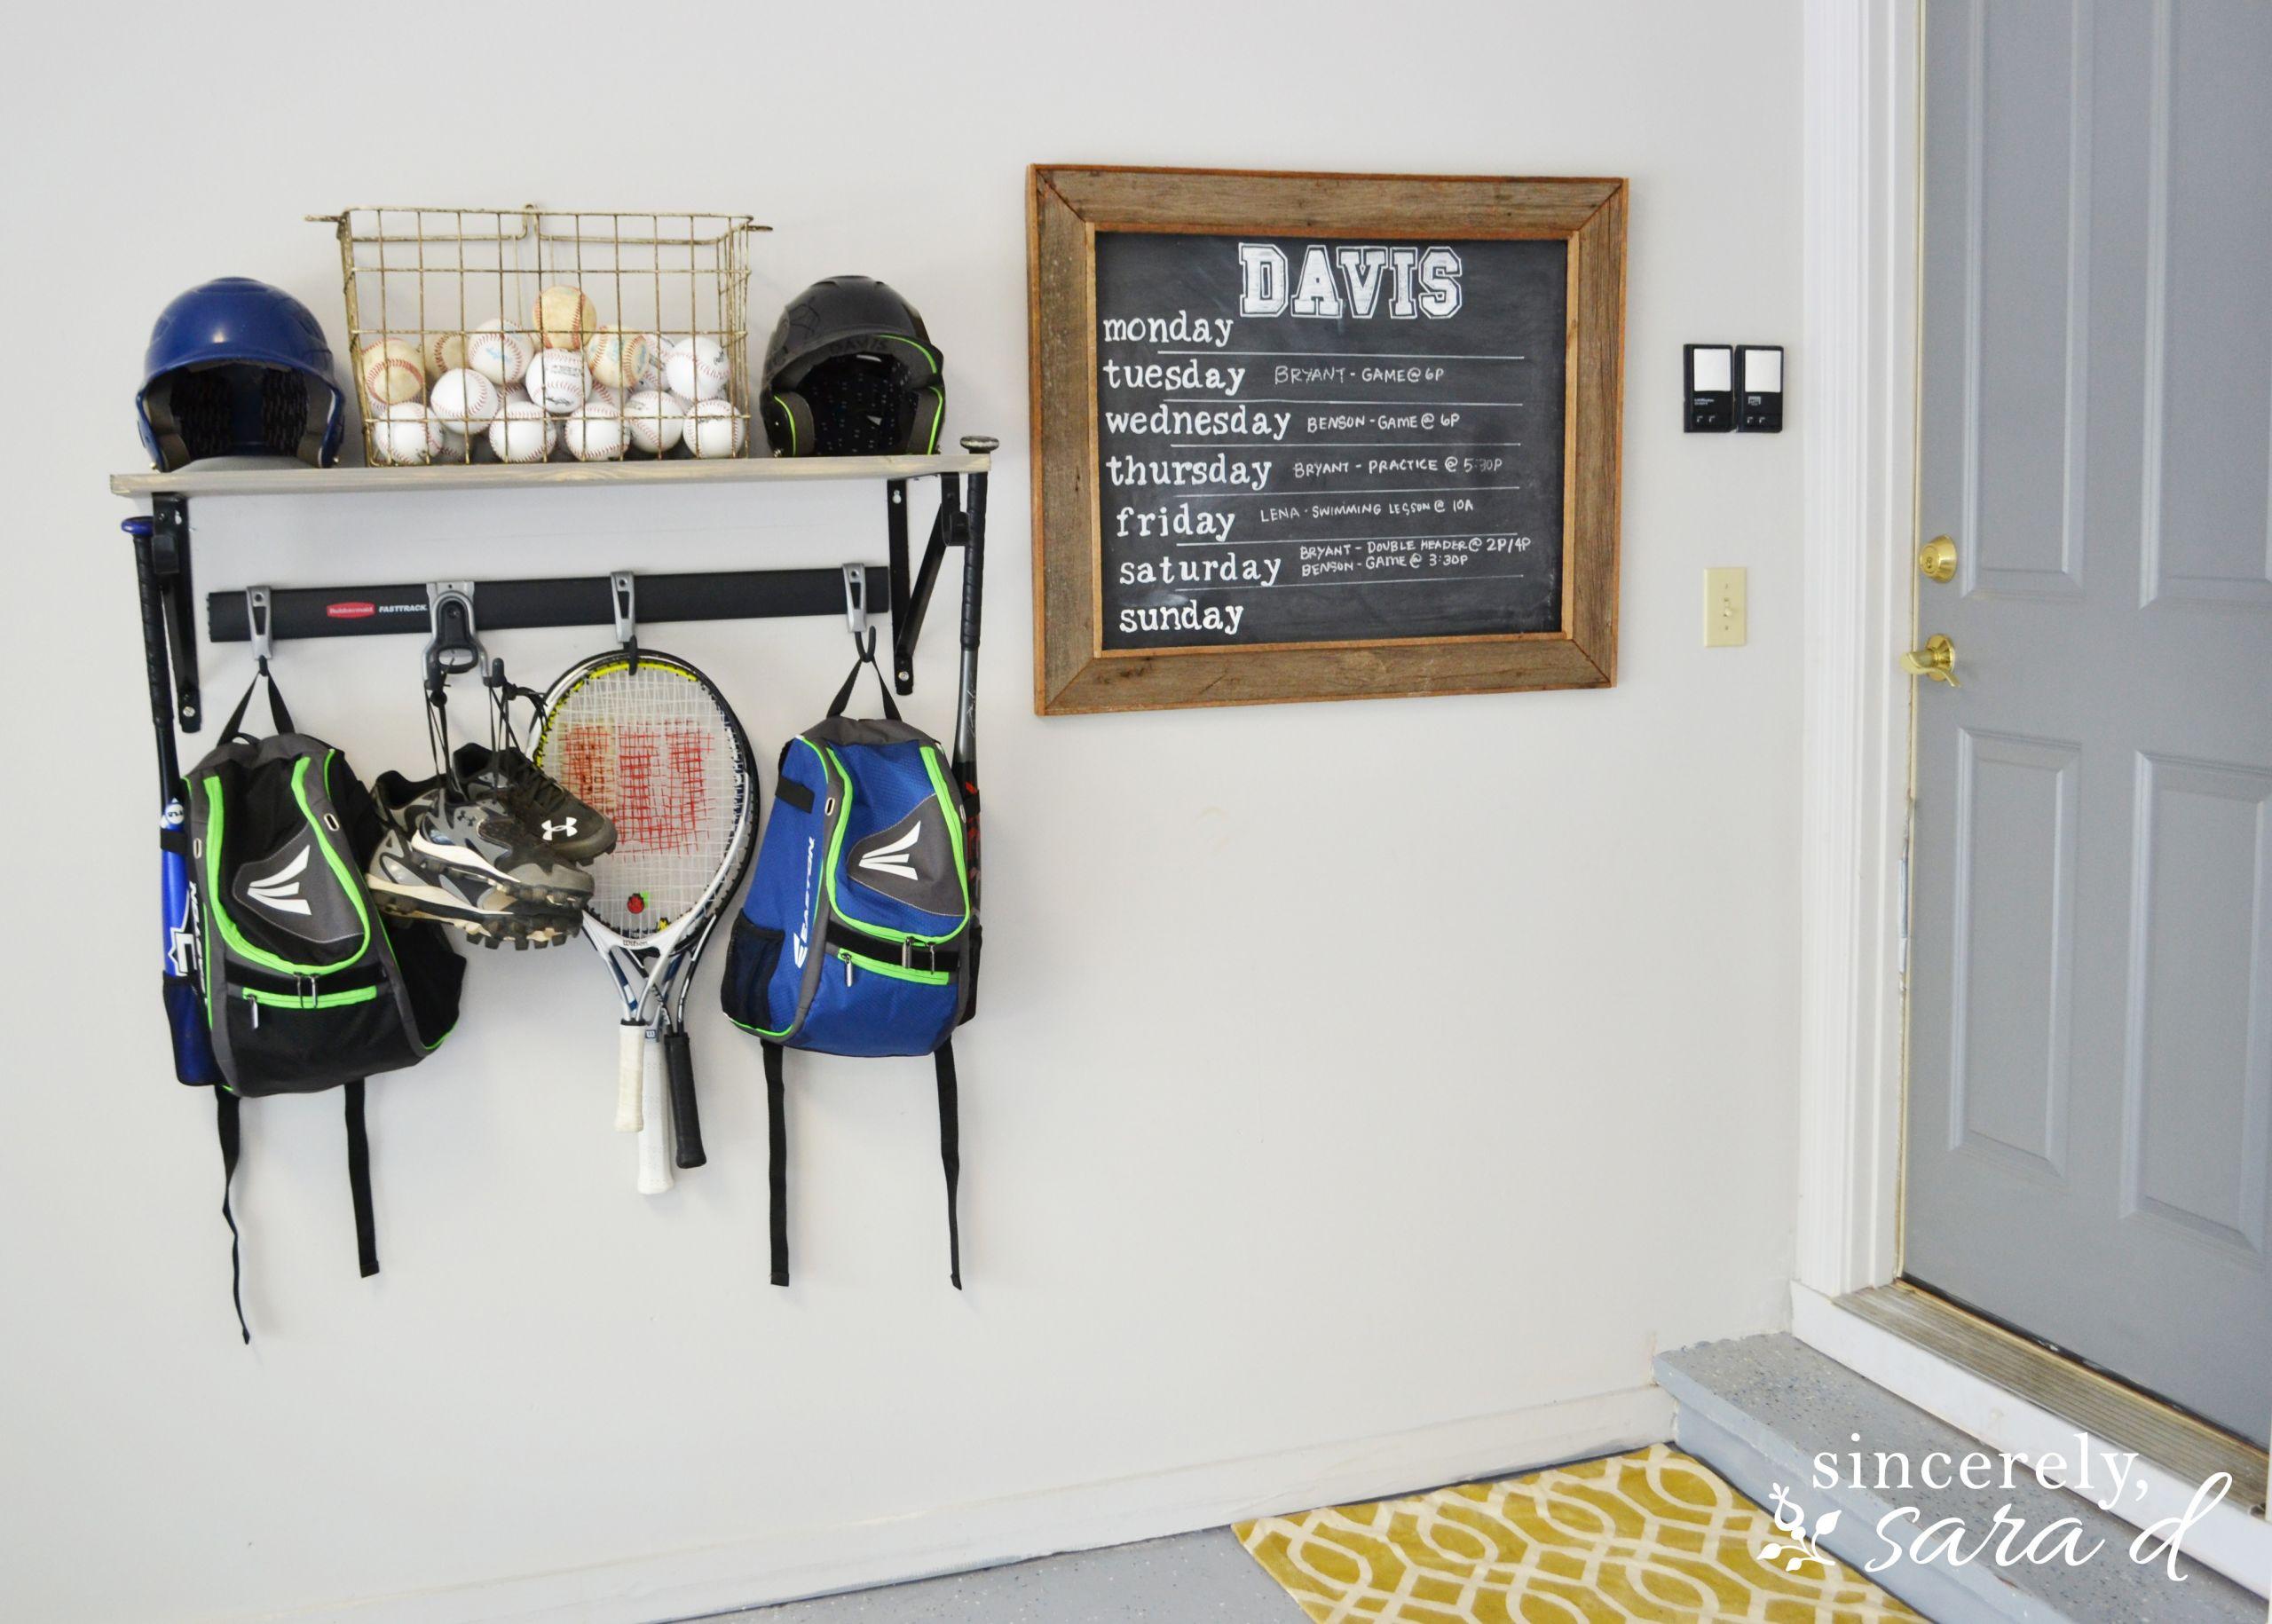 Sports Organizer For Garage  Garage Sports Equipment Organizer